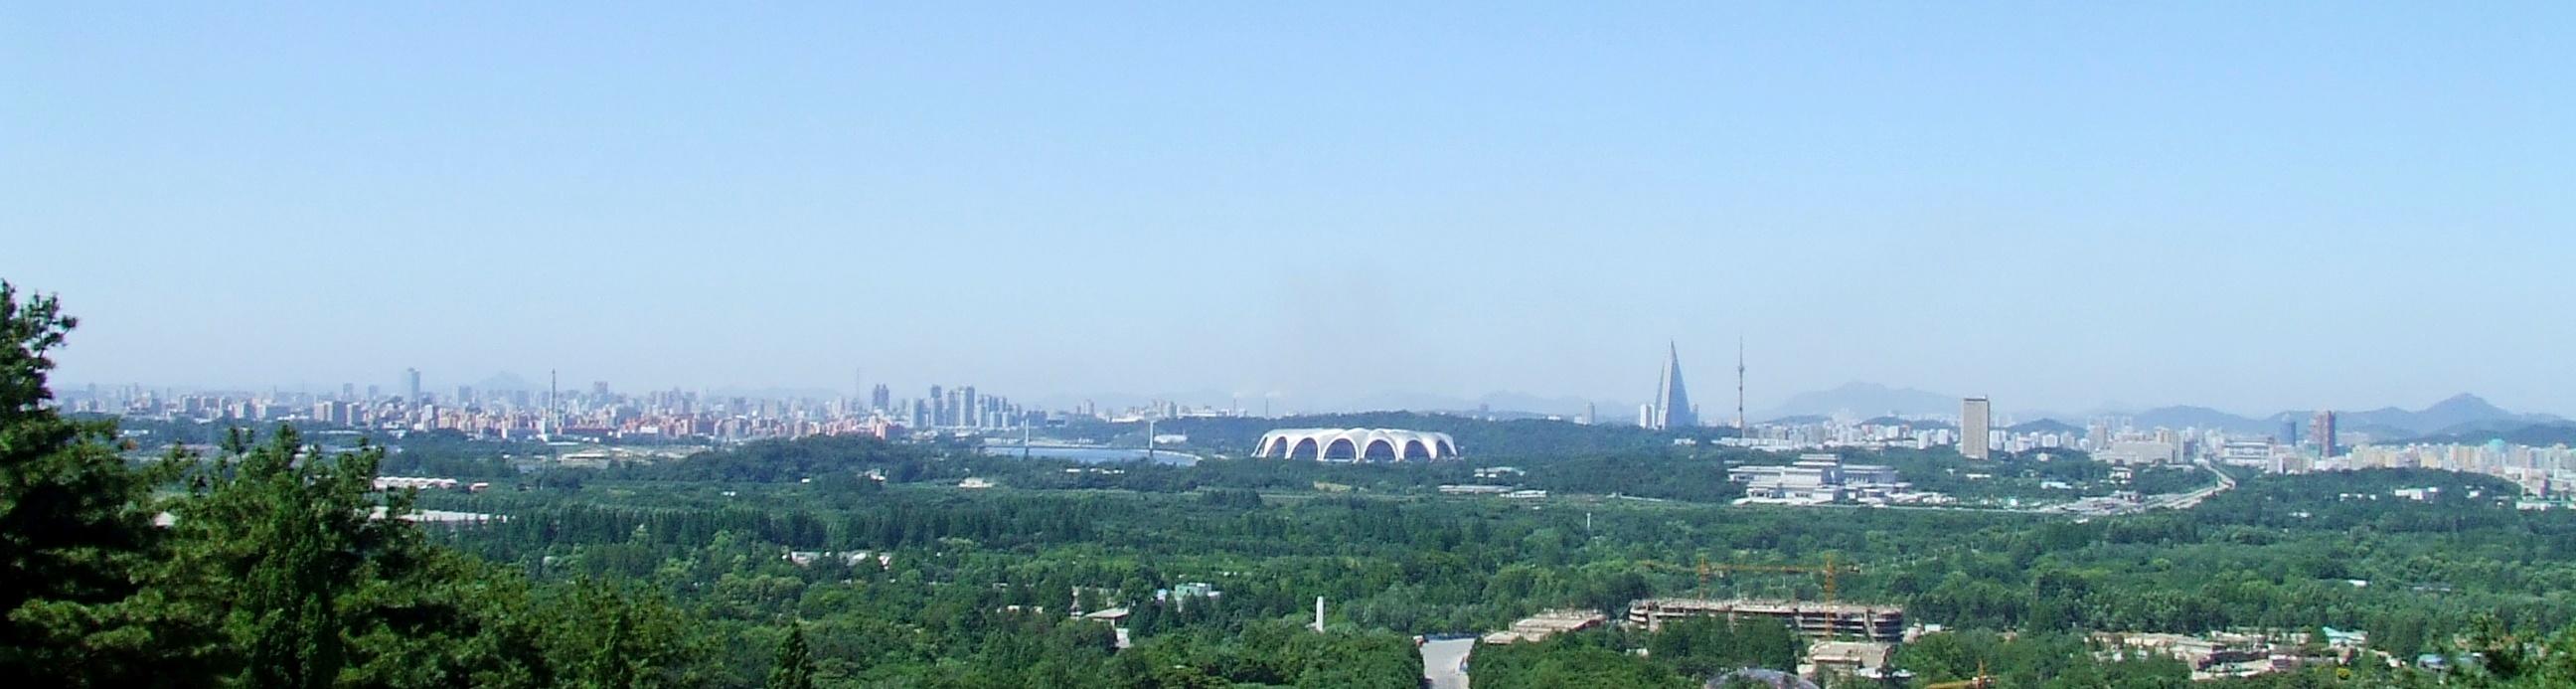 największy stadion świata widoczny w panoramie Pjongjangu